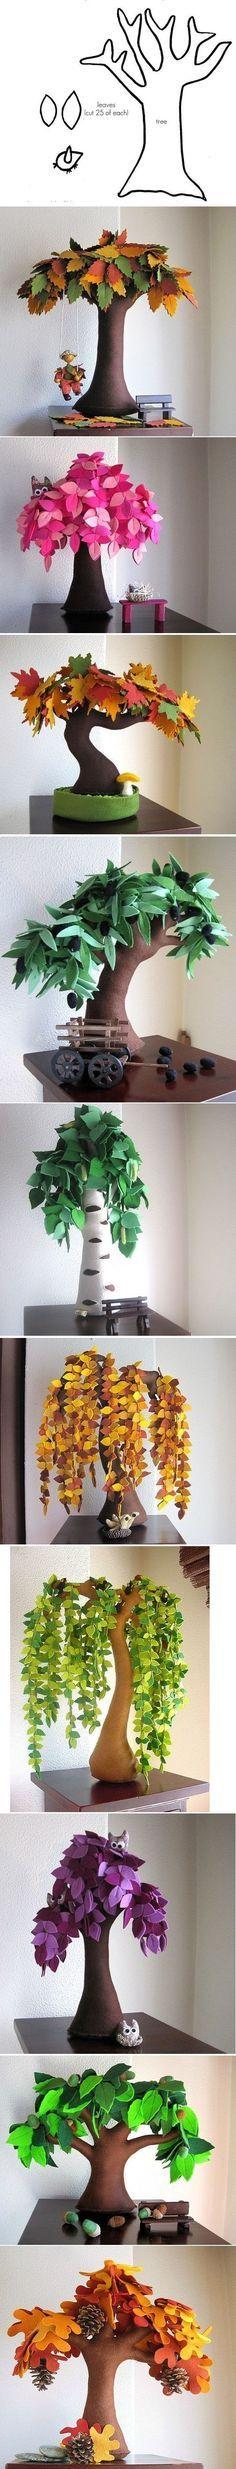 Plantilla gratis e ideas para hacer árboles de fieltro impresionantes